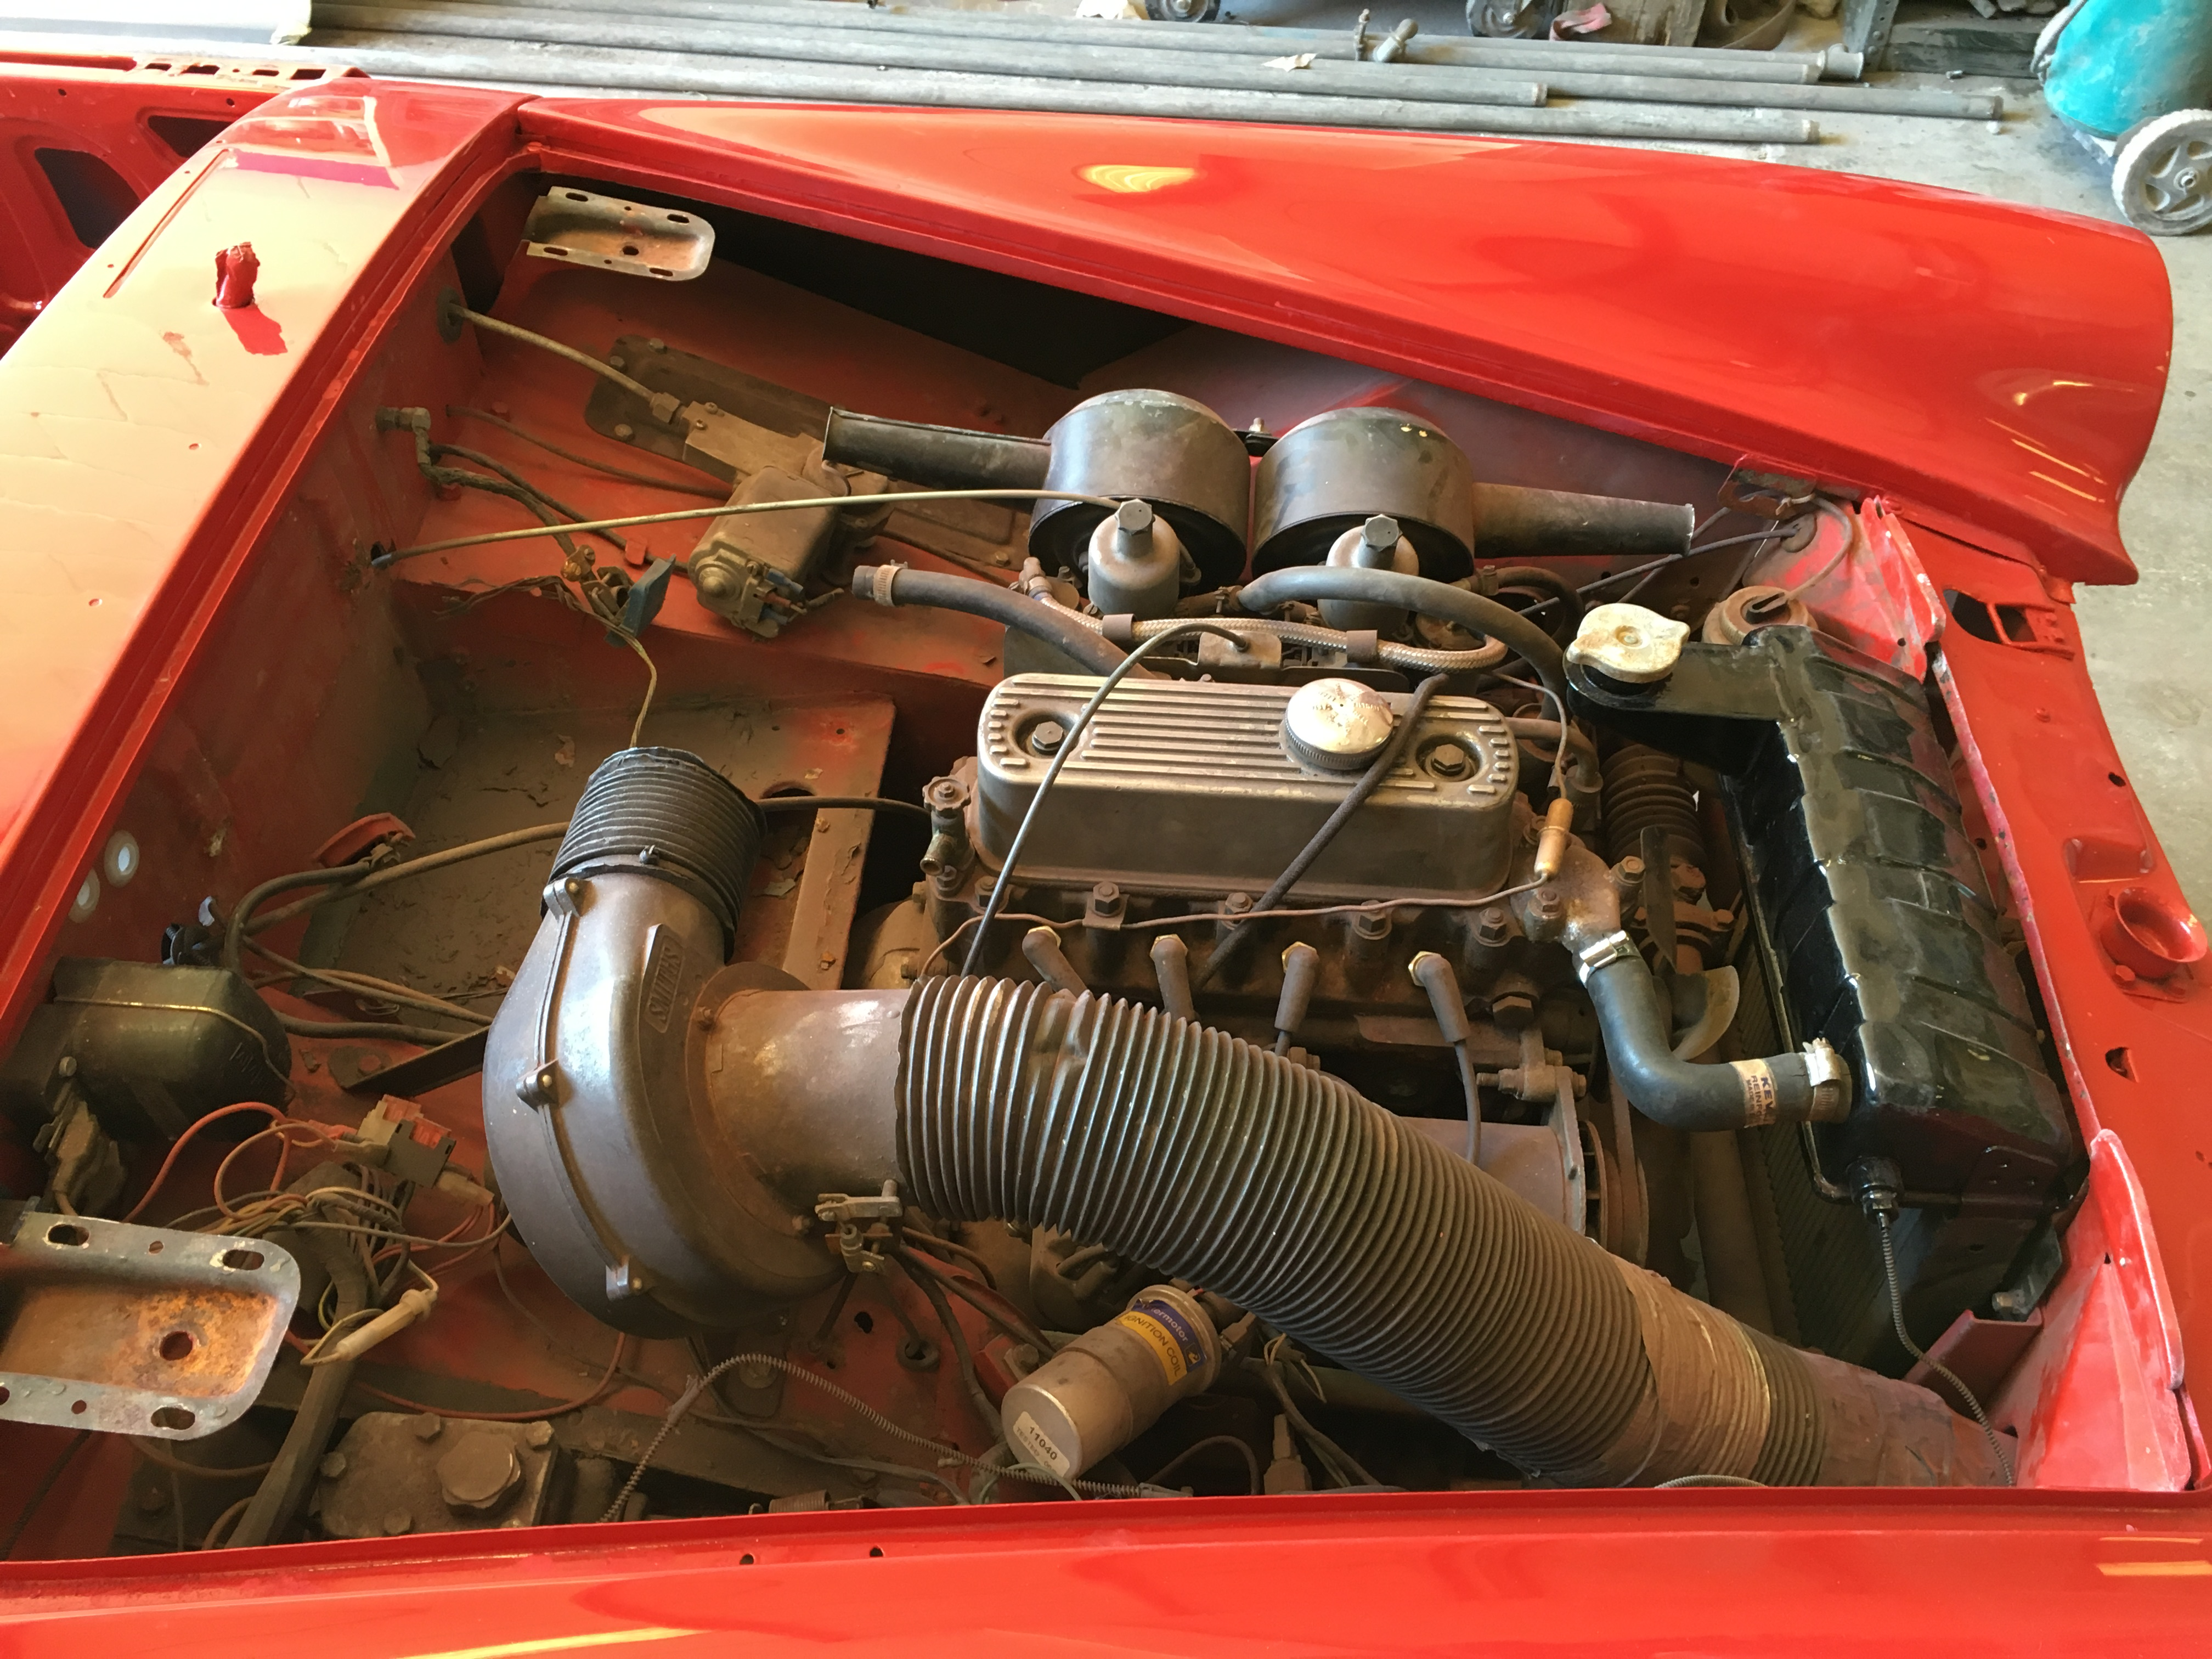 1966 MG Midget undergoing a full re-spray